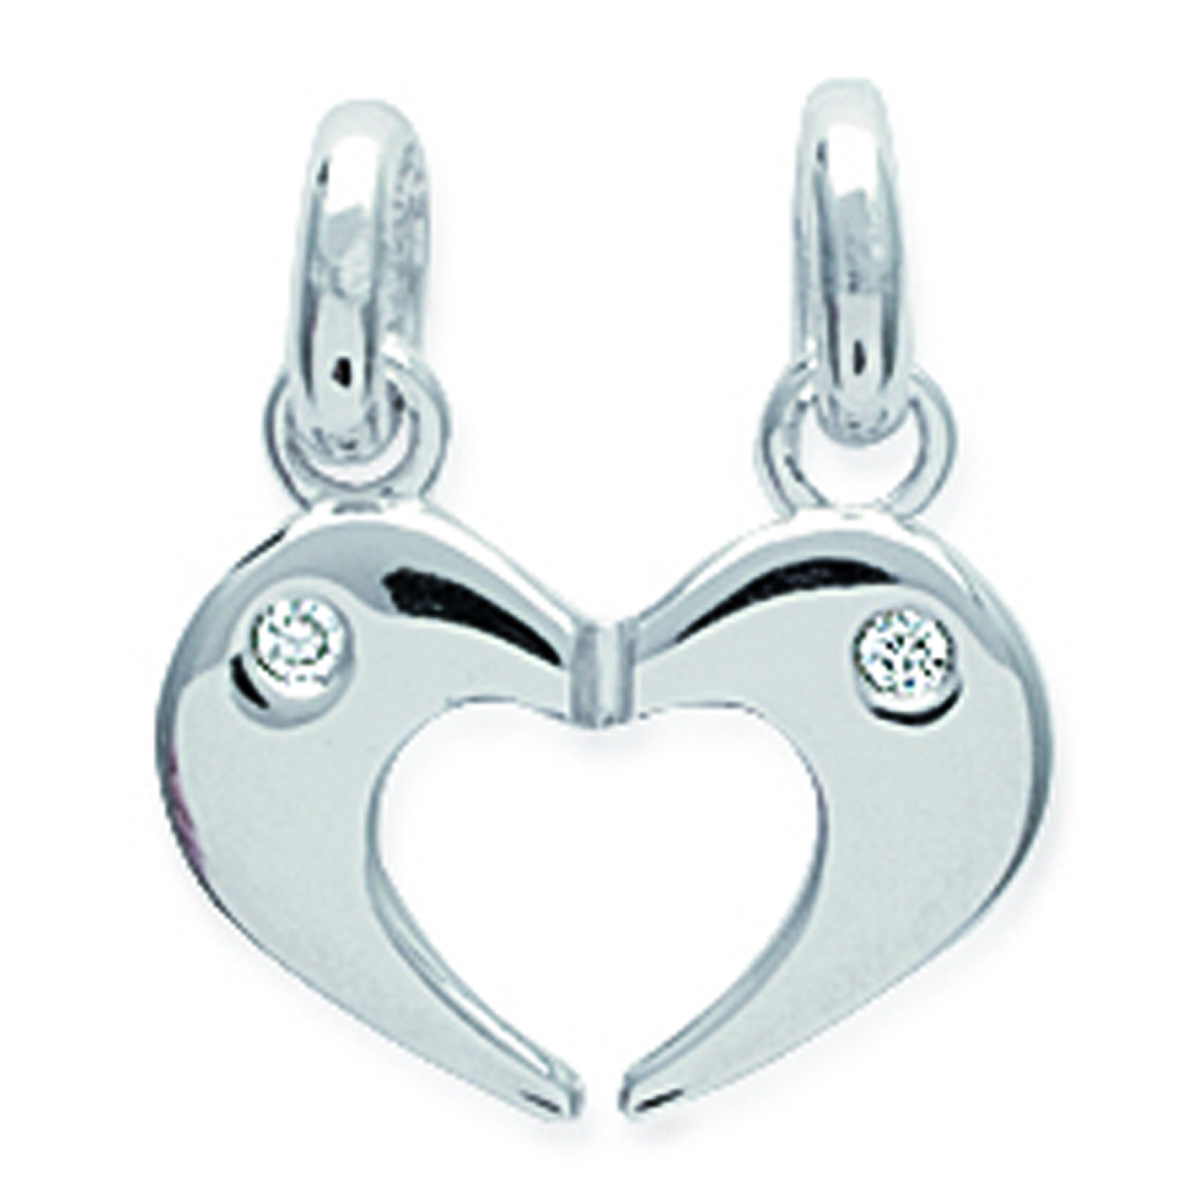 Pendentif Argent \'Love\' blanc argenté (rhodié) sécable - 15x14 mm - [J2054]